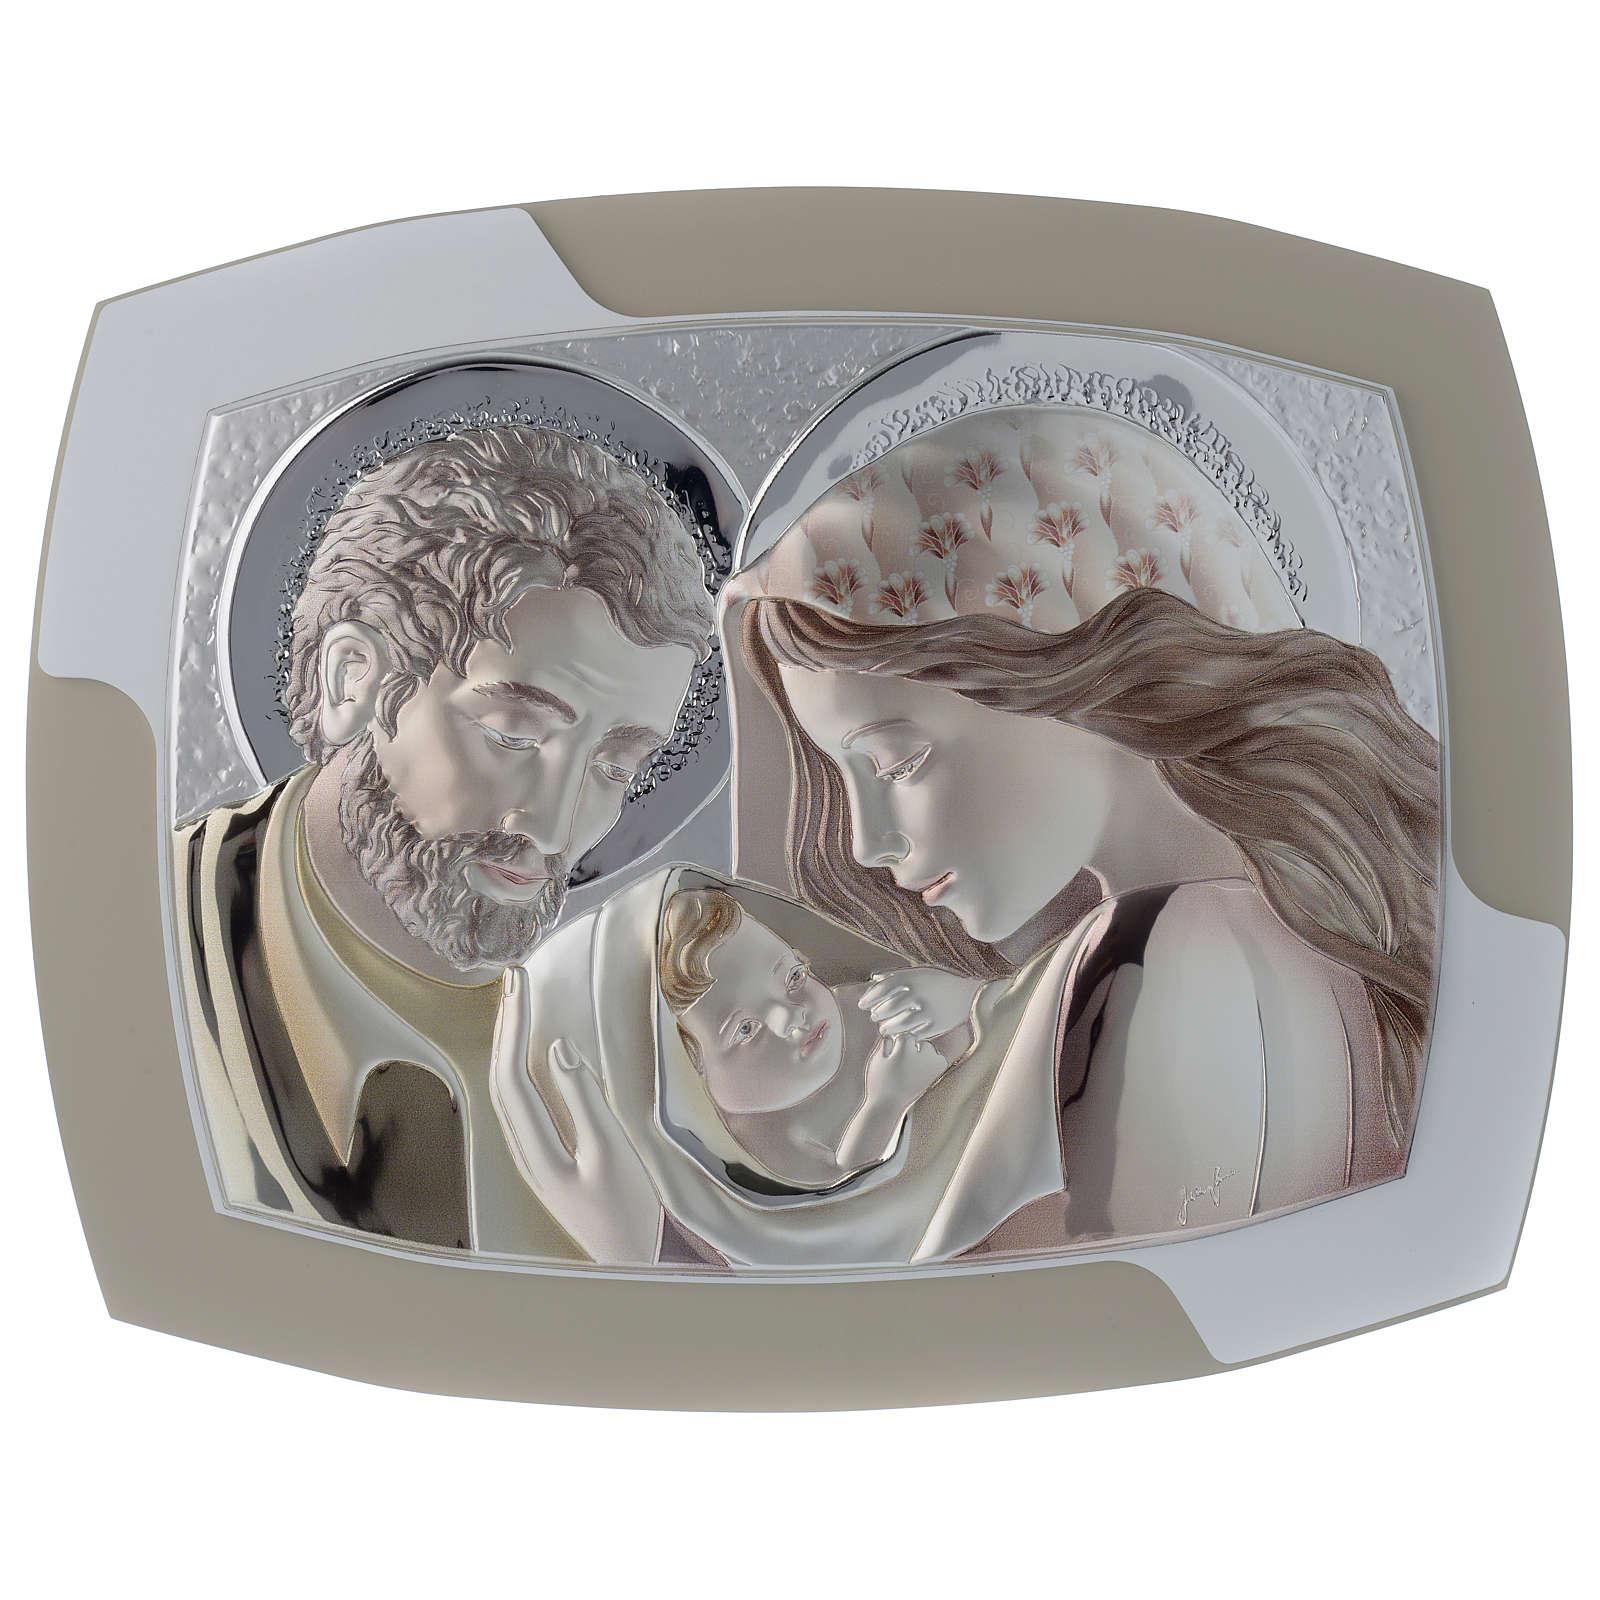 Obrazek Święta Rodzina srebro i drewno wyprofilowane 3